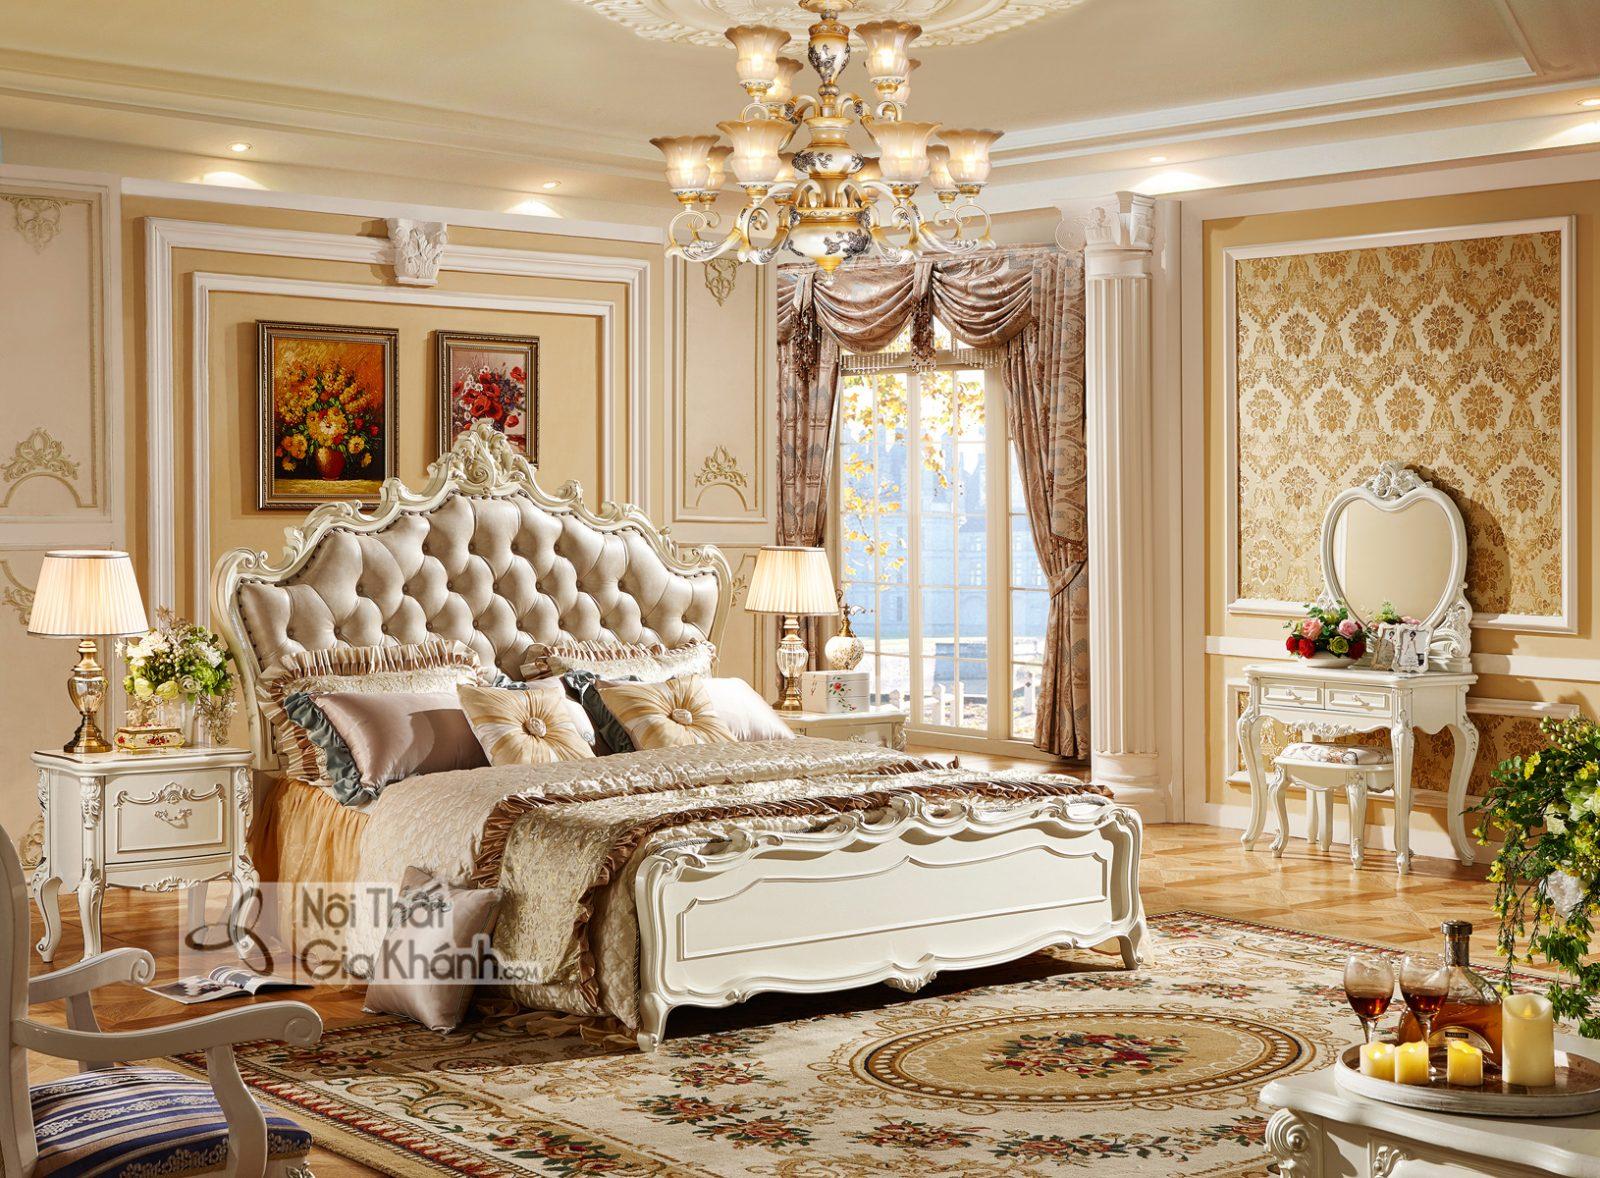 Giường ngủ Tân cổ điển màu trắng ngọc trai GI8826H Hoàng Gia Châu Âu